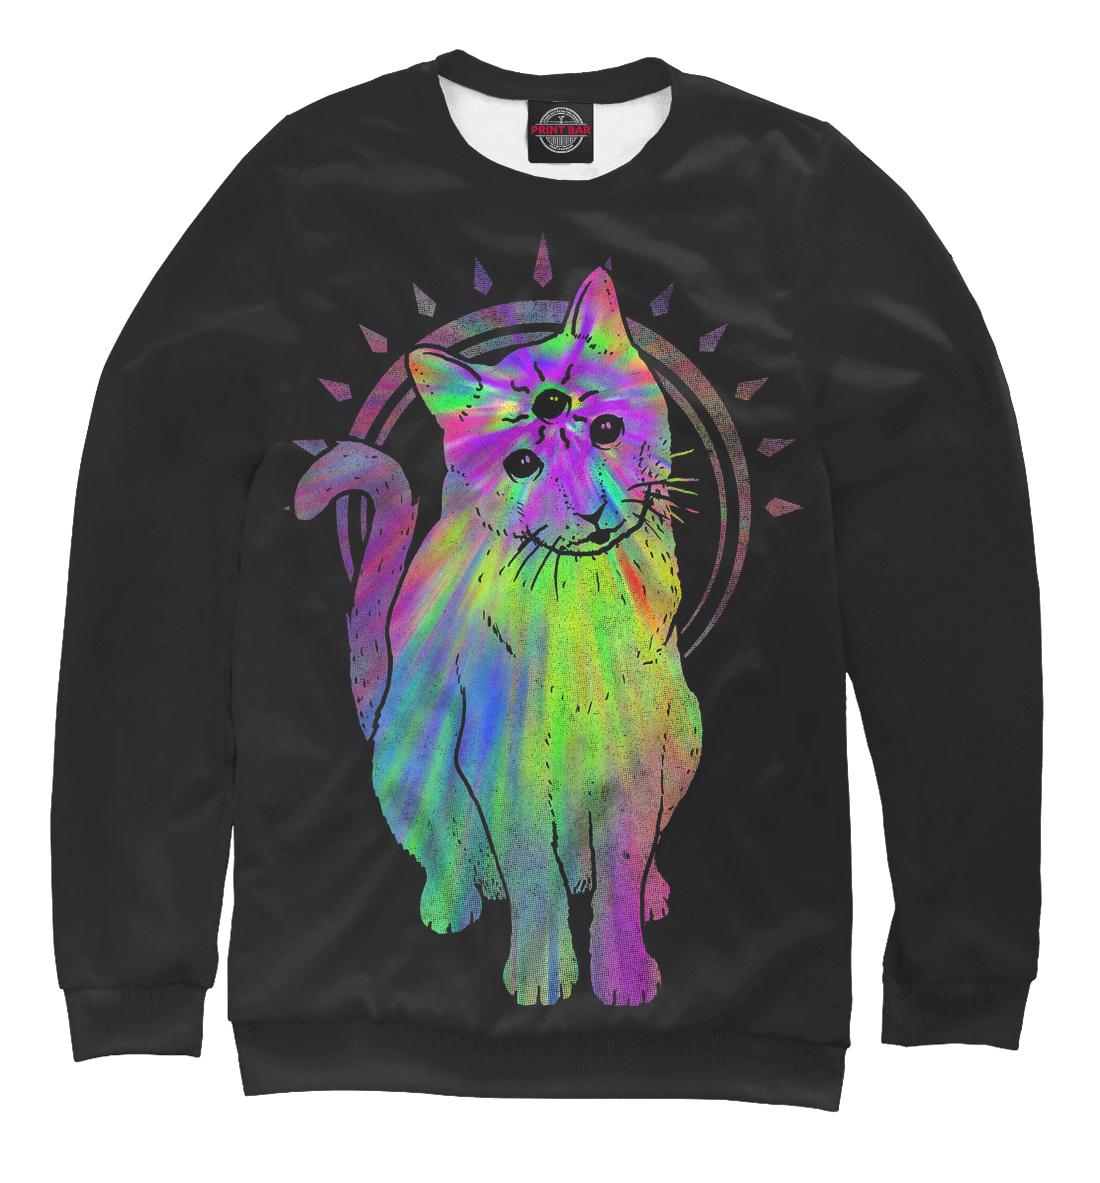 Фото - Кот Психоделический психоделический кот